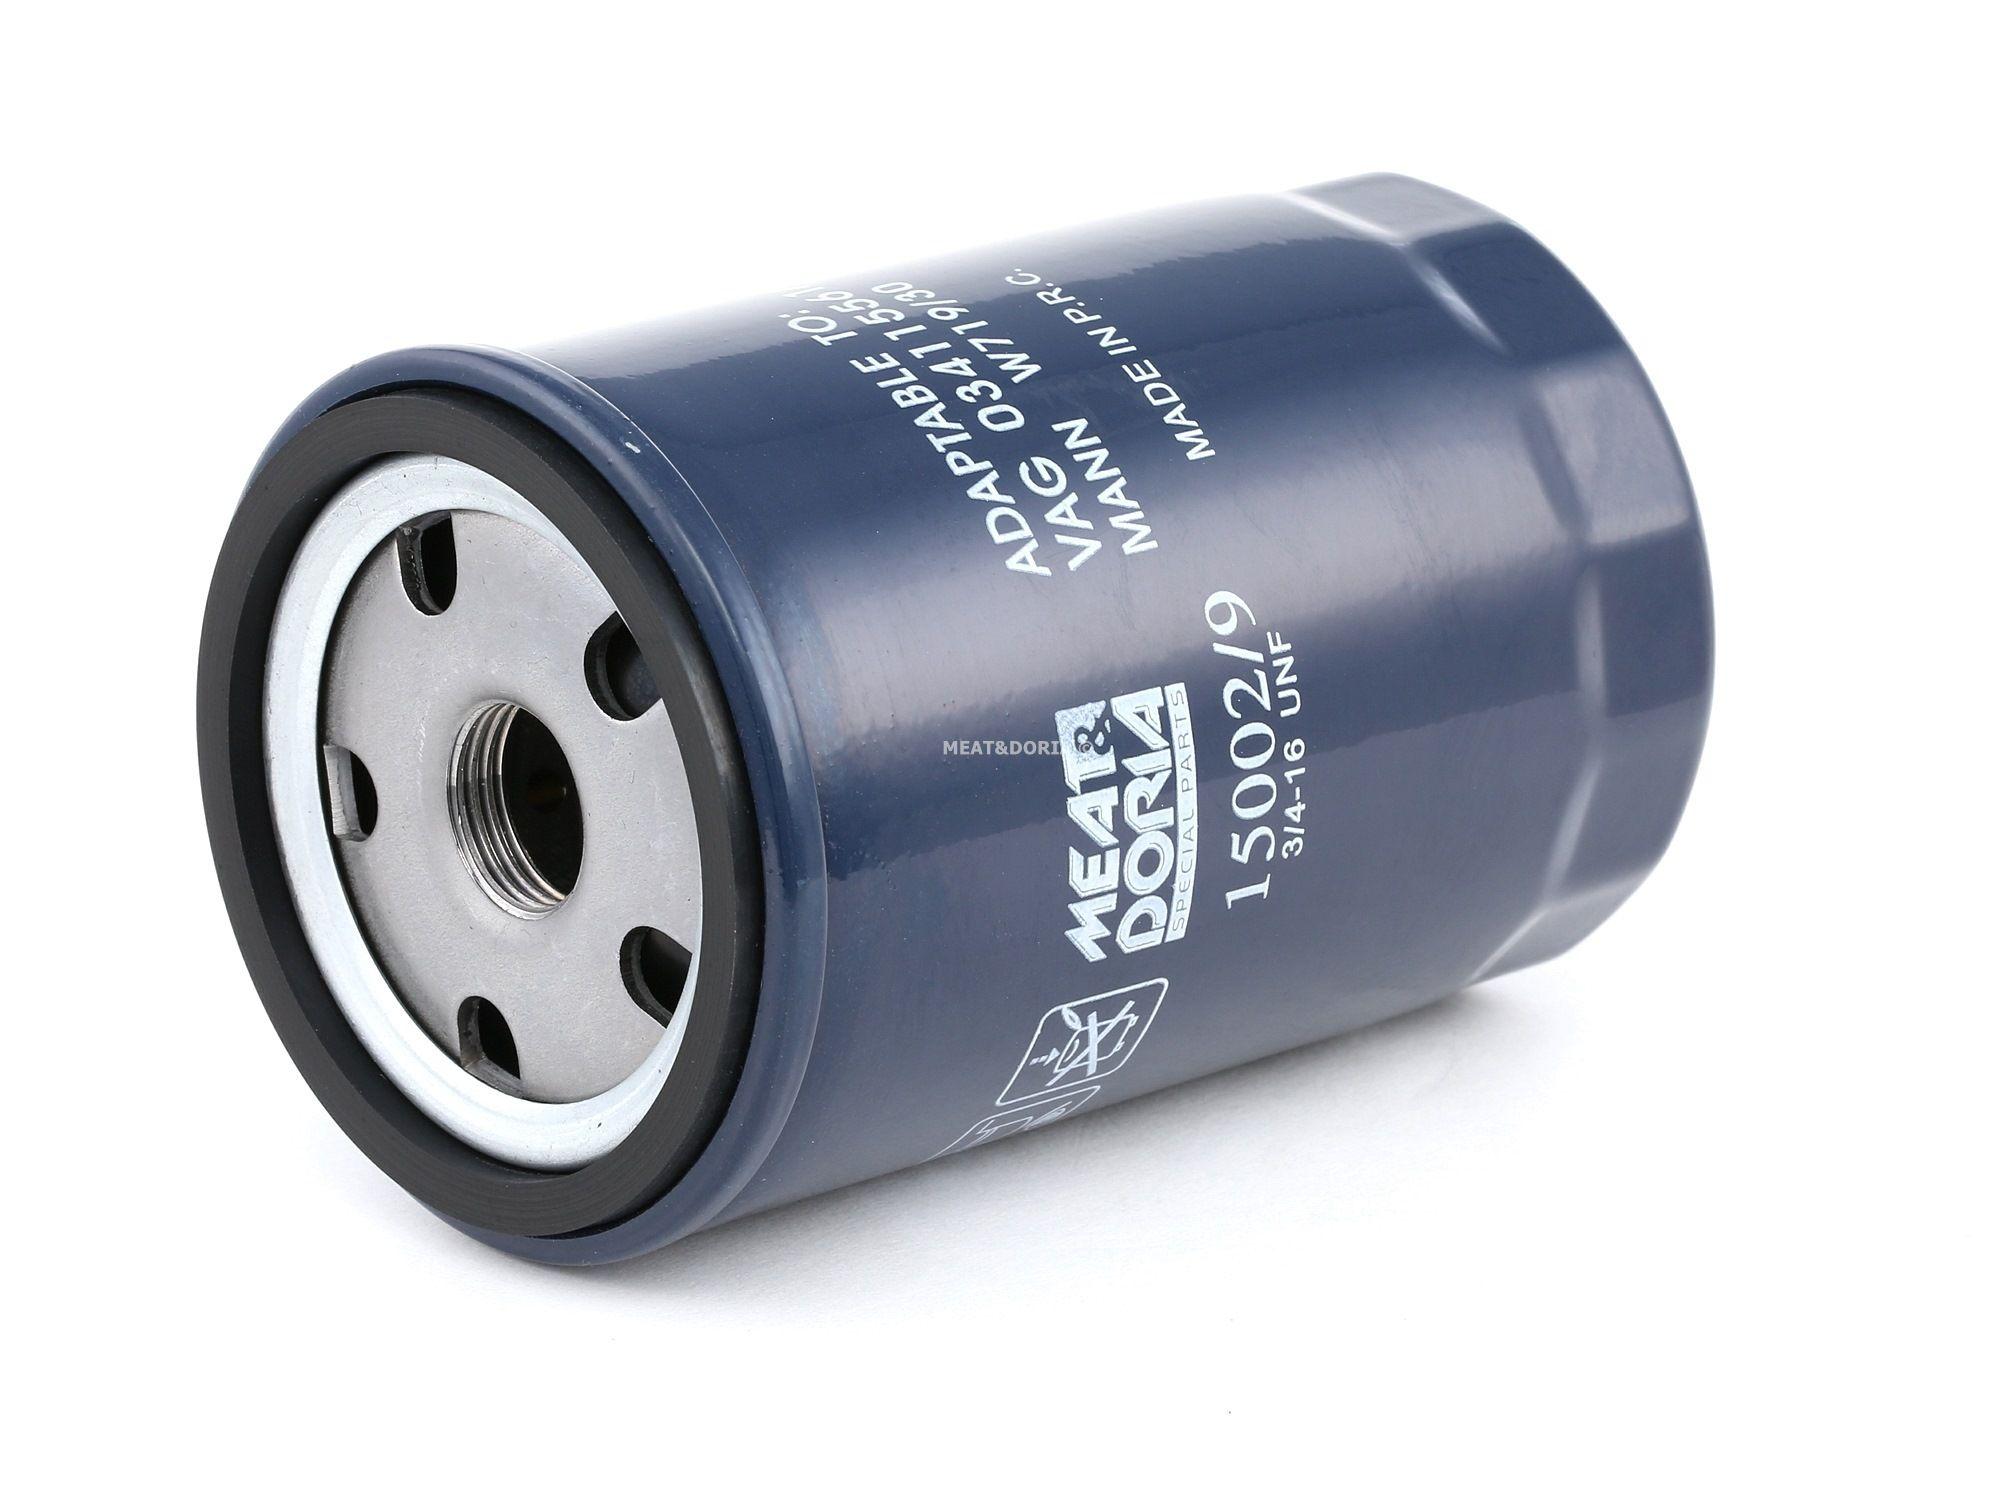 Engine oil filter MEAT & DORIA 15002/9 rating